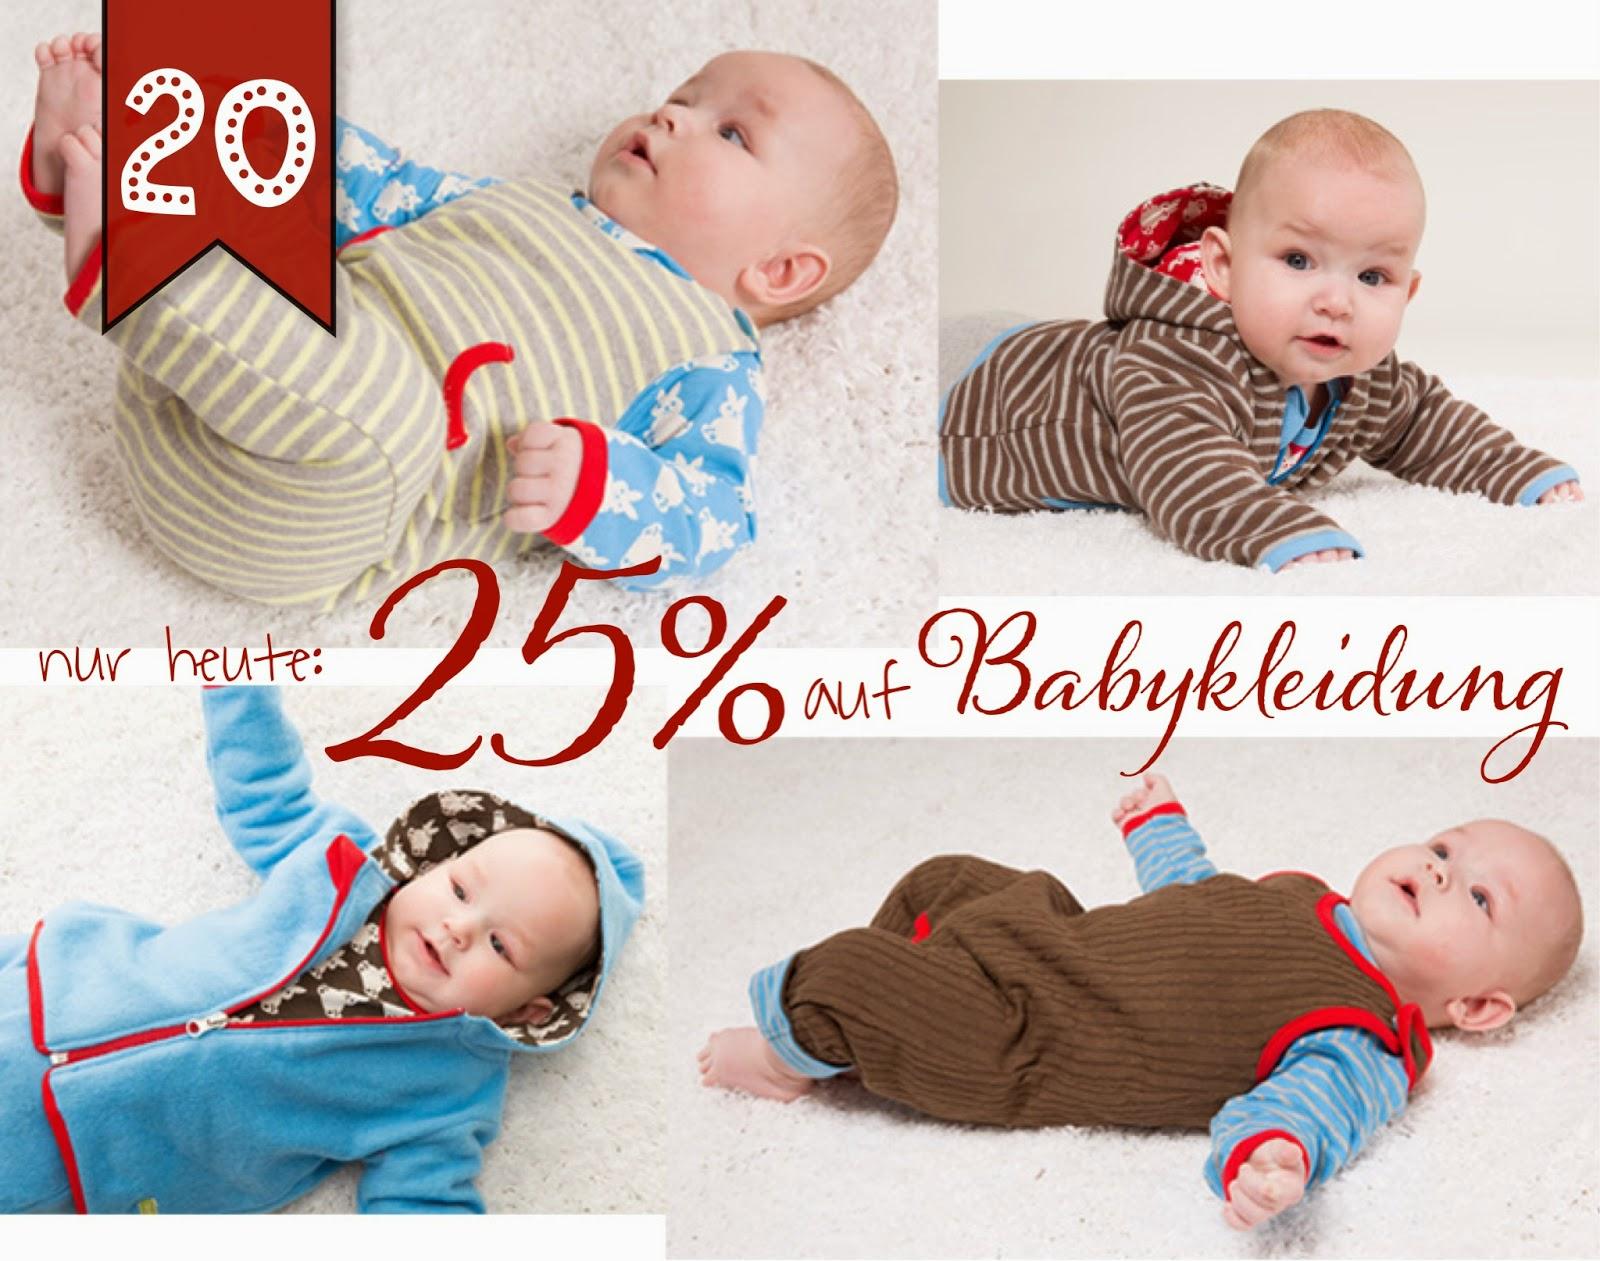 Türchen N°20 im Adventsmirakel: 25% auf Babykleidung! 2